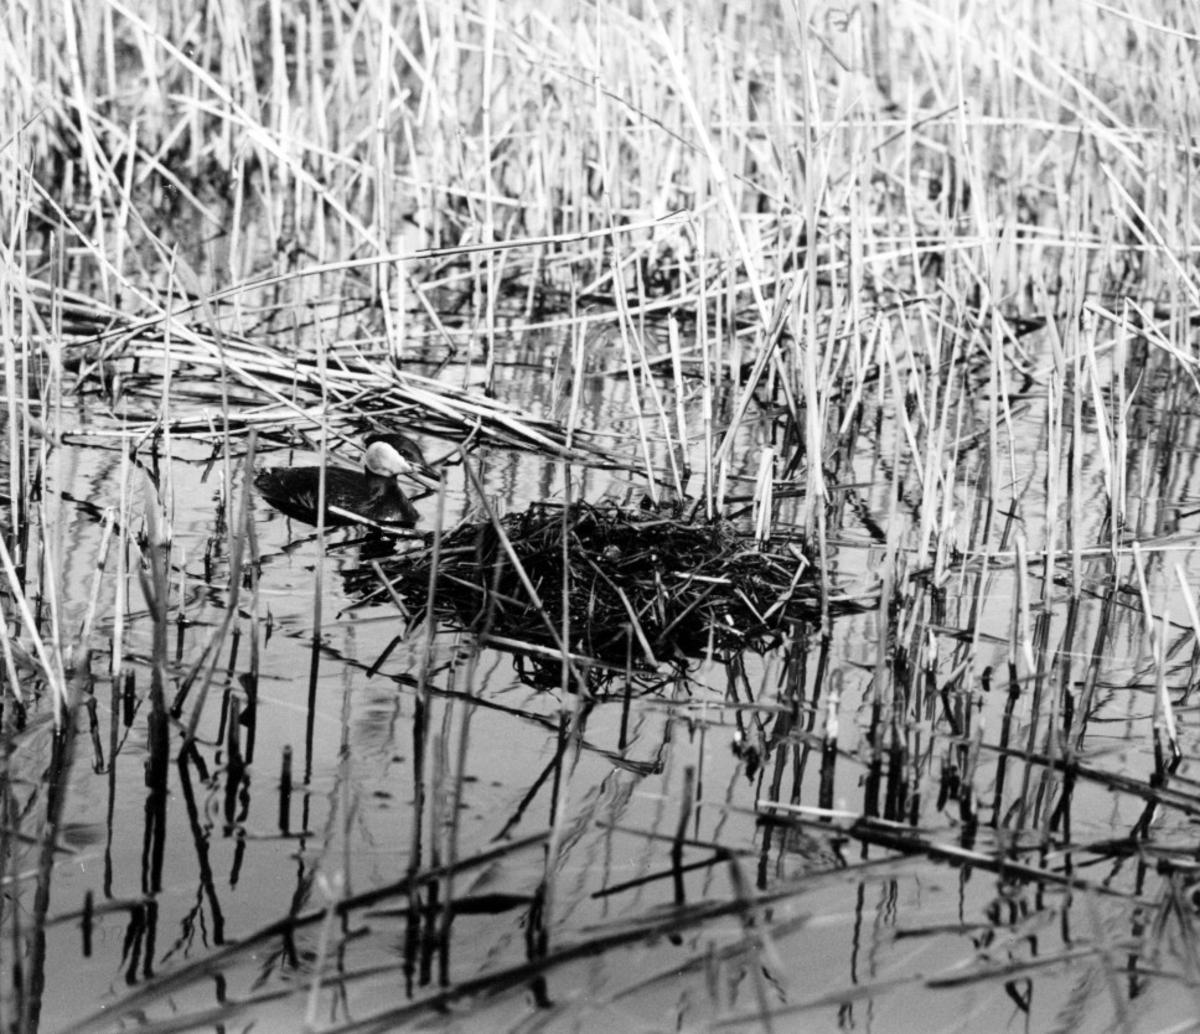 Podiceps rubricollis, rödhalsad dopping. Äntligen har han vågat komma fram till boet. Bara, Skåne 1923